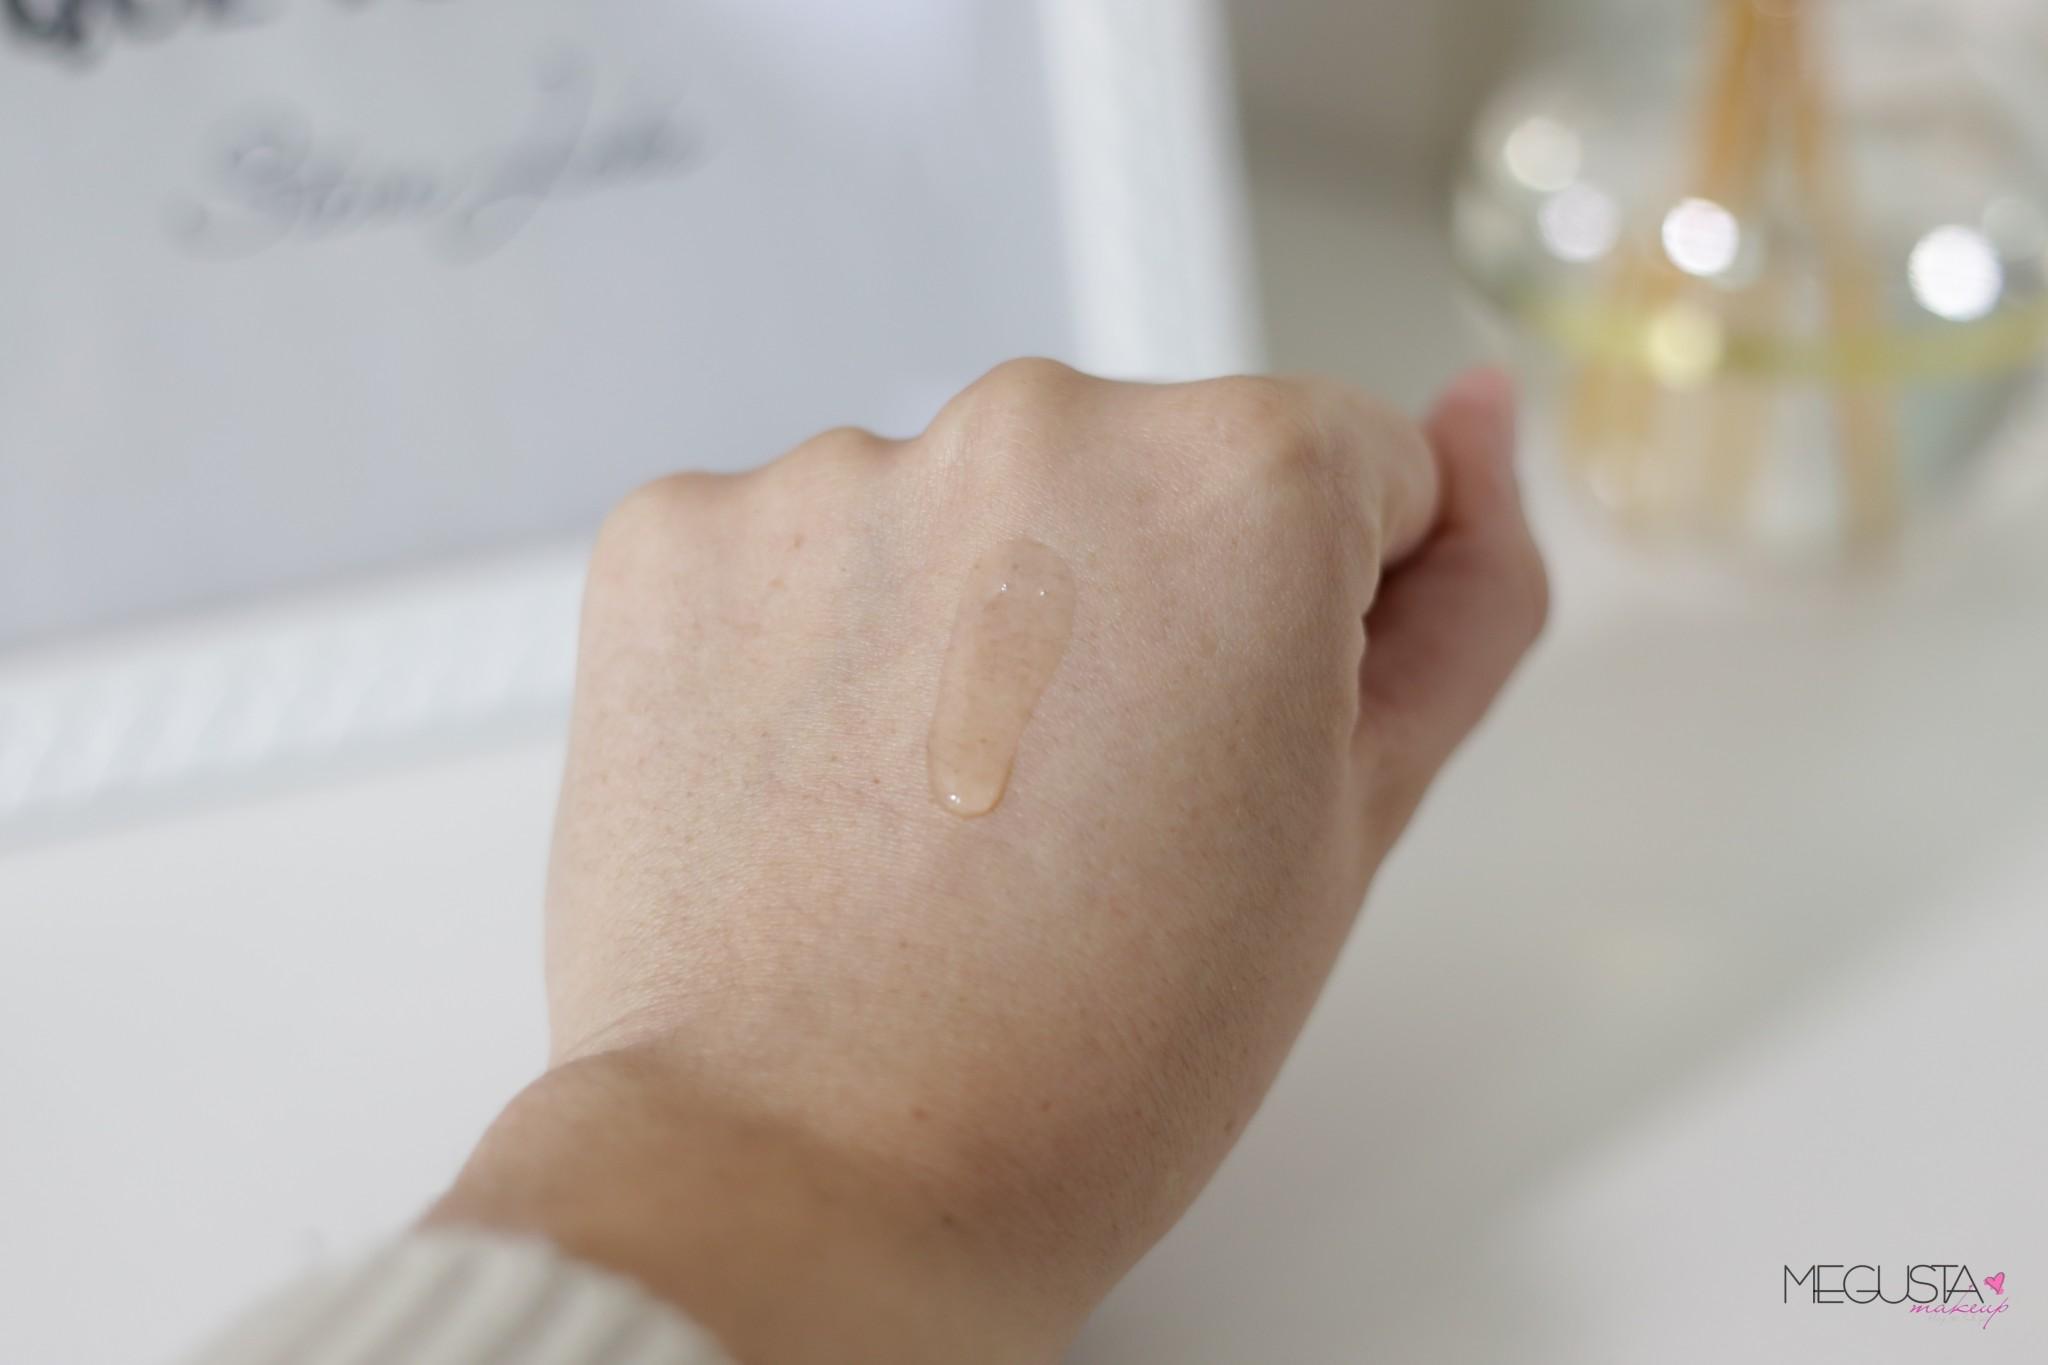 Resenha Gel de Limpeza Facial Neutrogena 4 - Resenha: Gel de Limpeza Facial Grapefruit Neutrogena